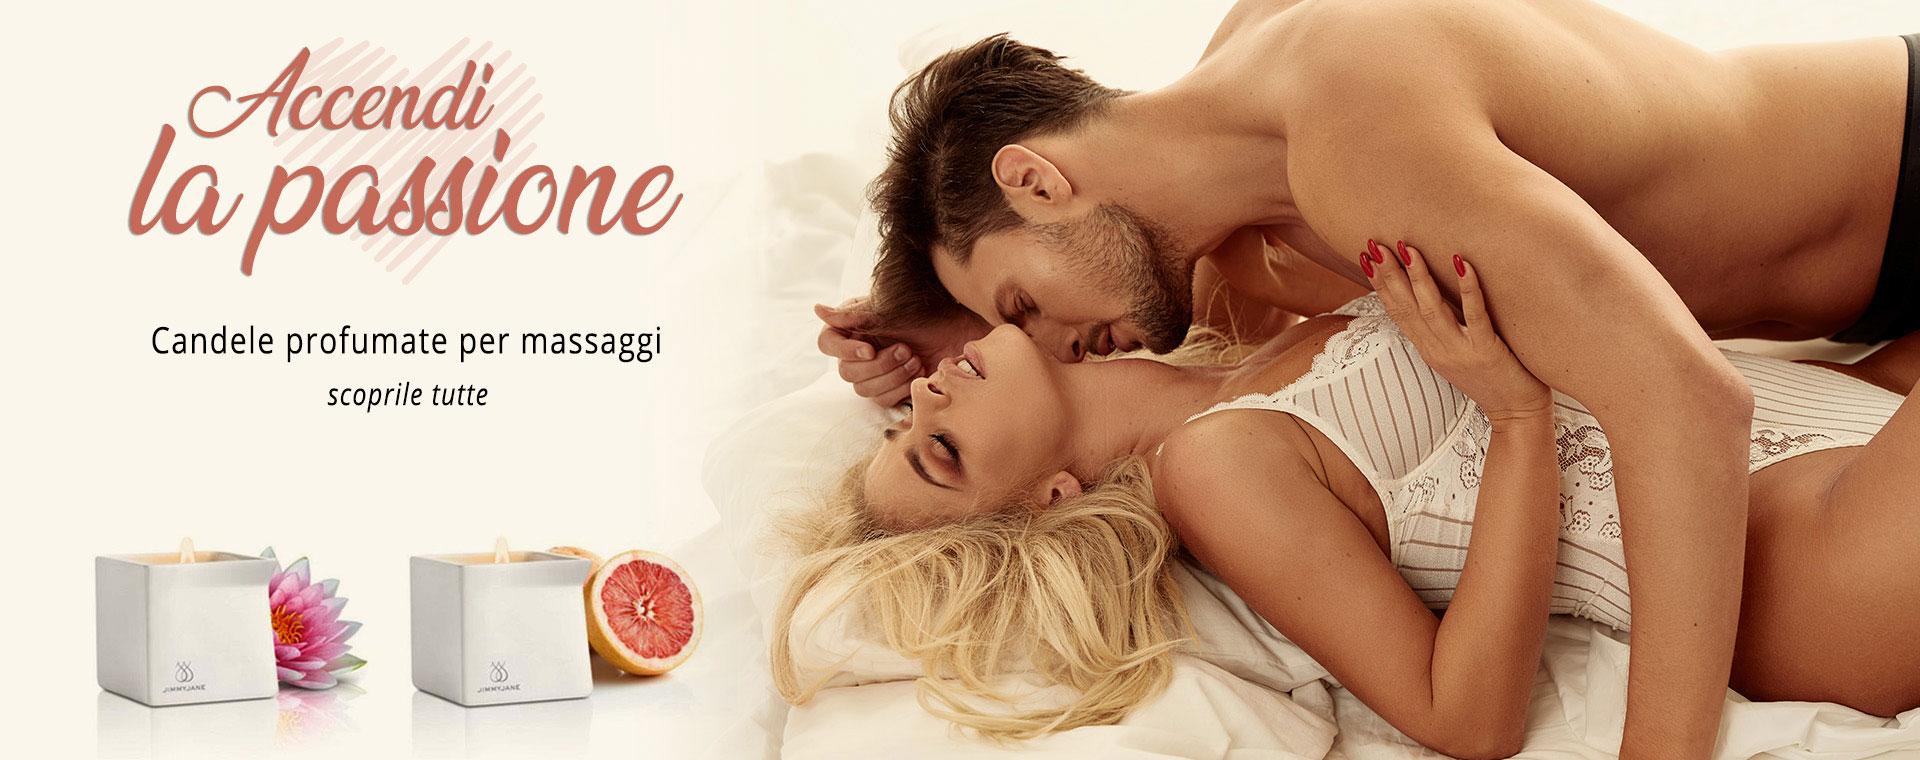 Blog erotico e consigli piccanti • THAMO - That's Amore!